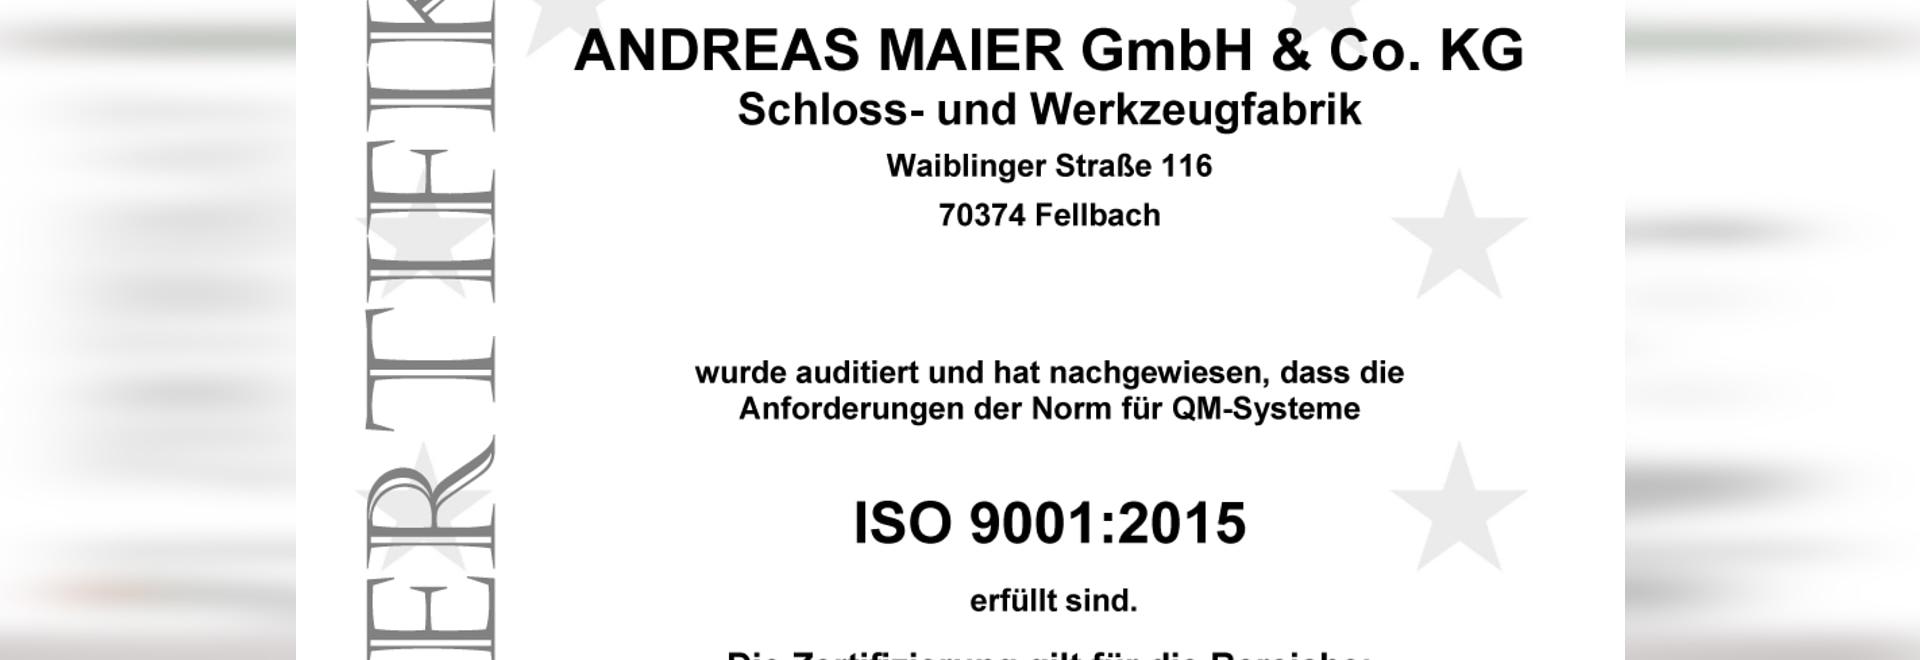 Erfolgreiche Rezertifizierung von AMF nach ISO 9001:2015